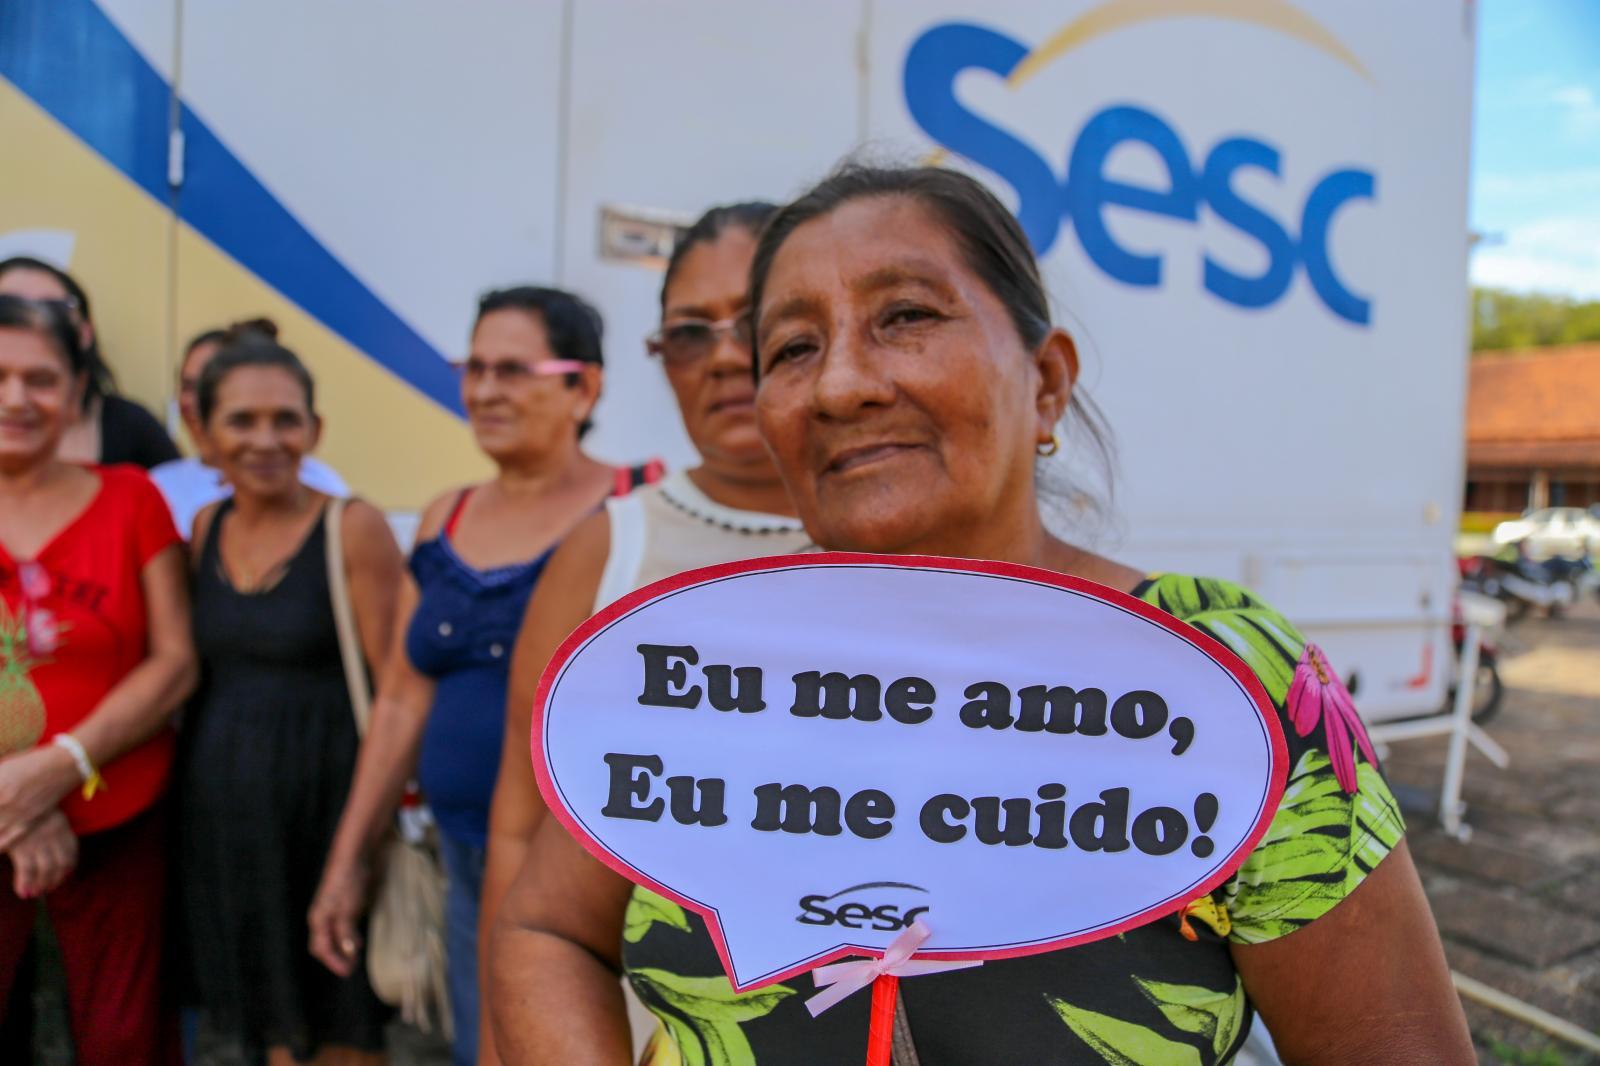 Unidade Móvel do Sesc realiza exames gratuitos para mulheres do interior do Amapá